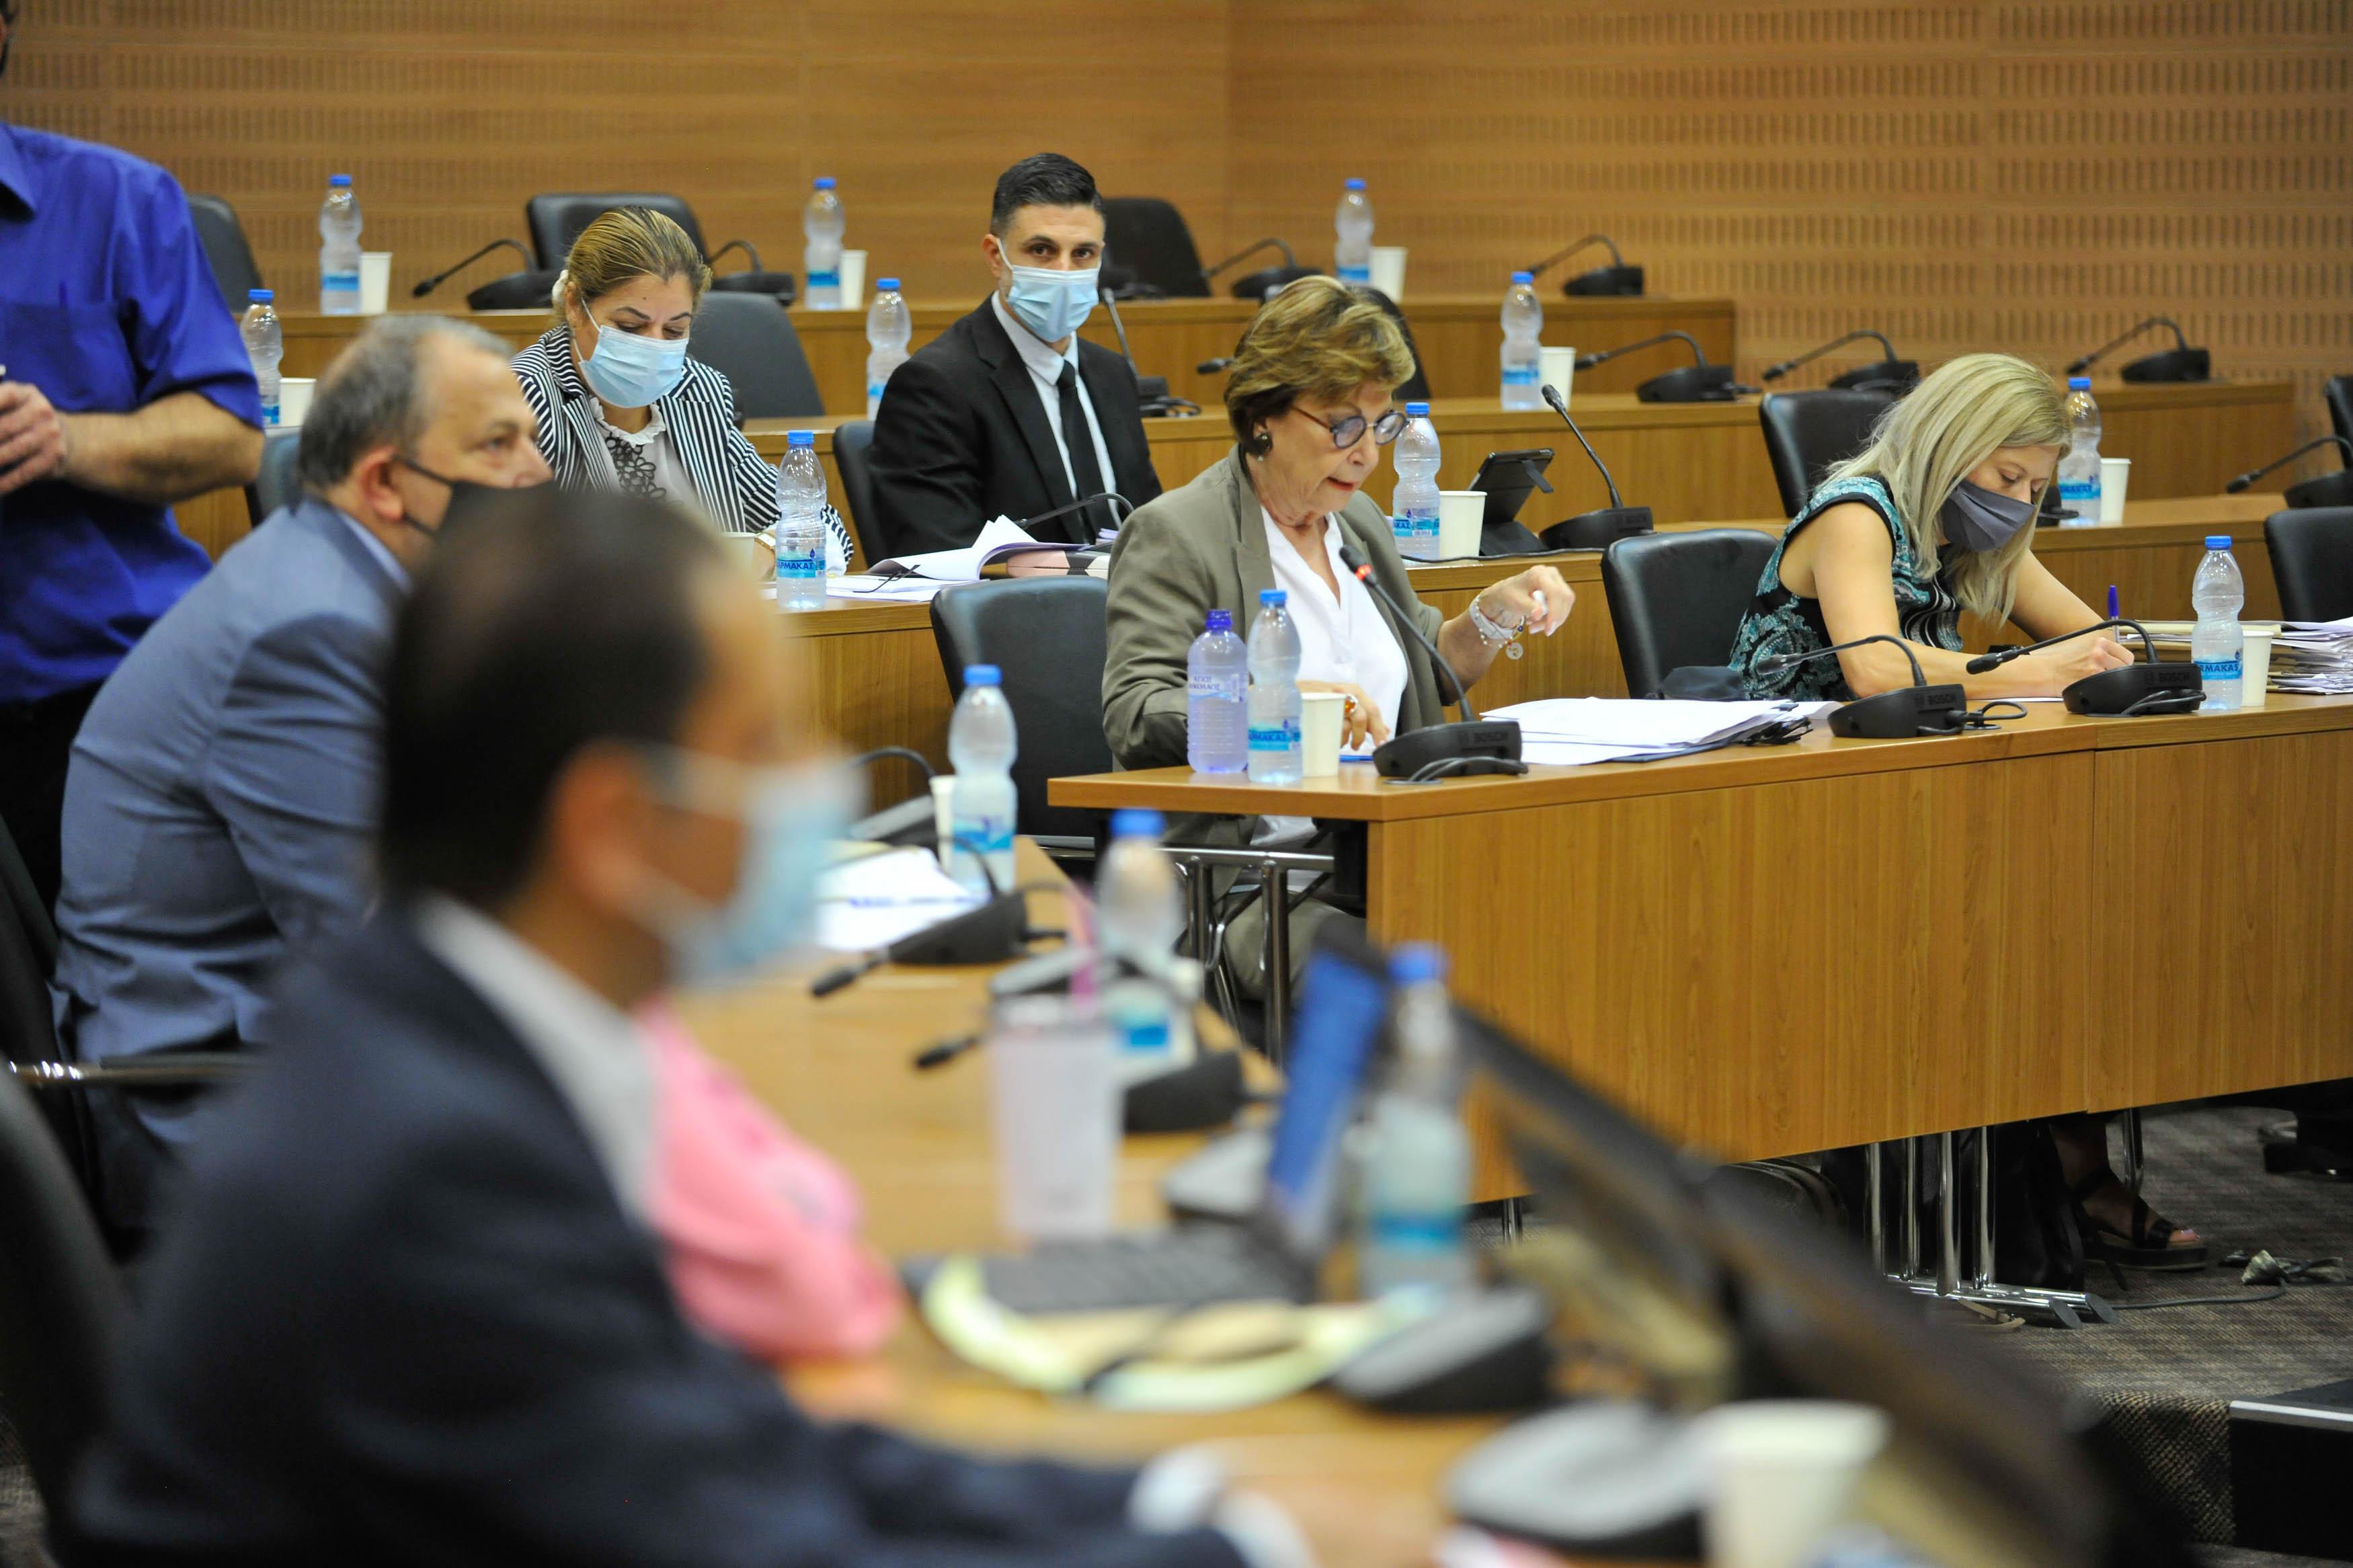 Ομιλία ΥΔΔΤ στη συνεδρία της Επιτροπής Νομικών αναφορικά με τα Νομοσχέδια για τη Μεταρρύθμιση των ανώτατων βαθμίδων της Δικαιοσύνης